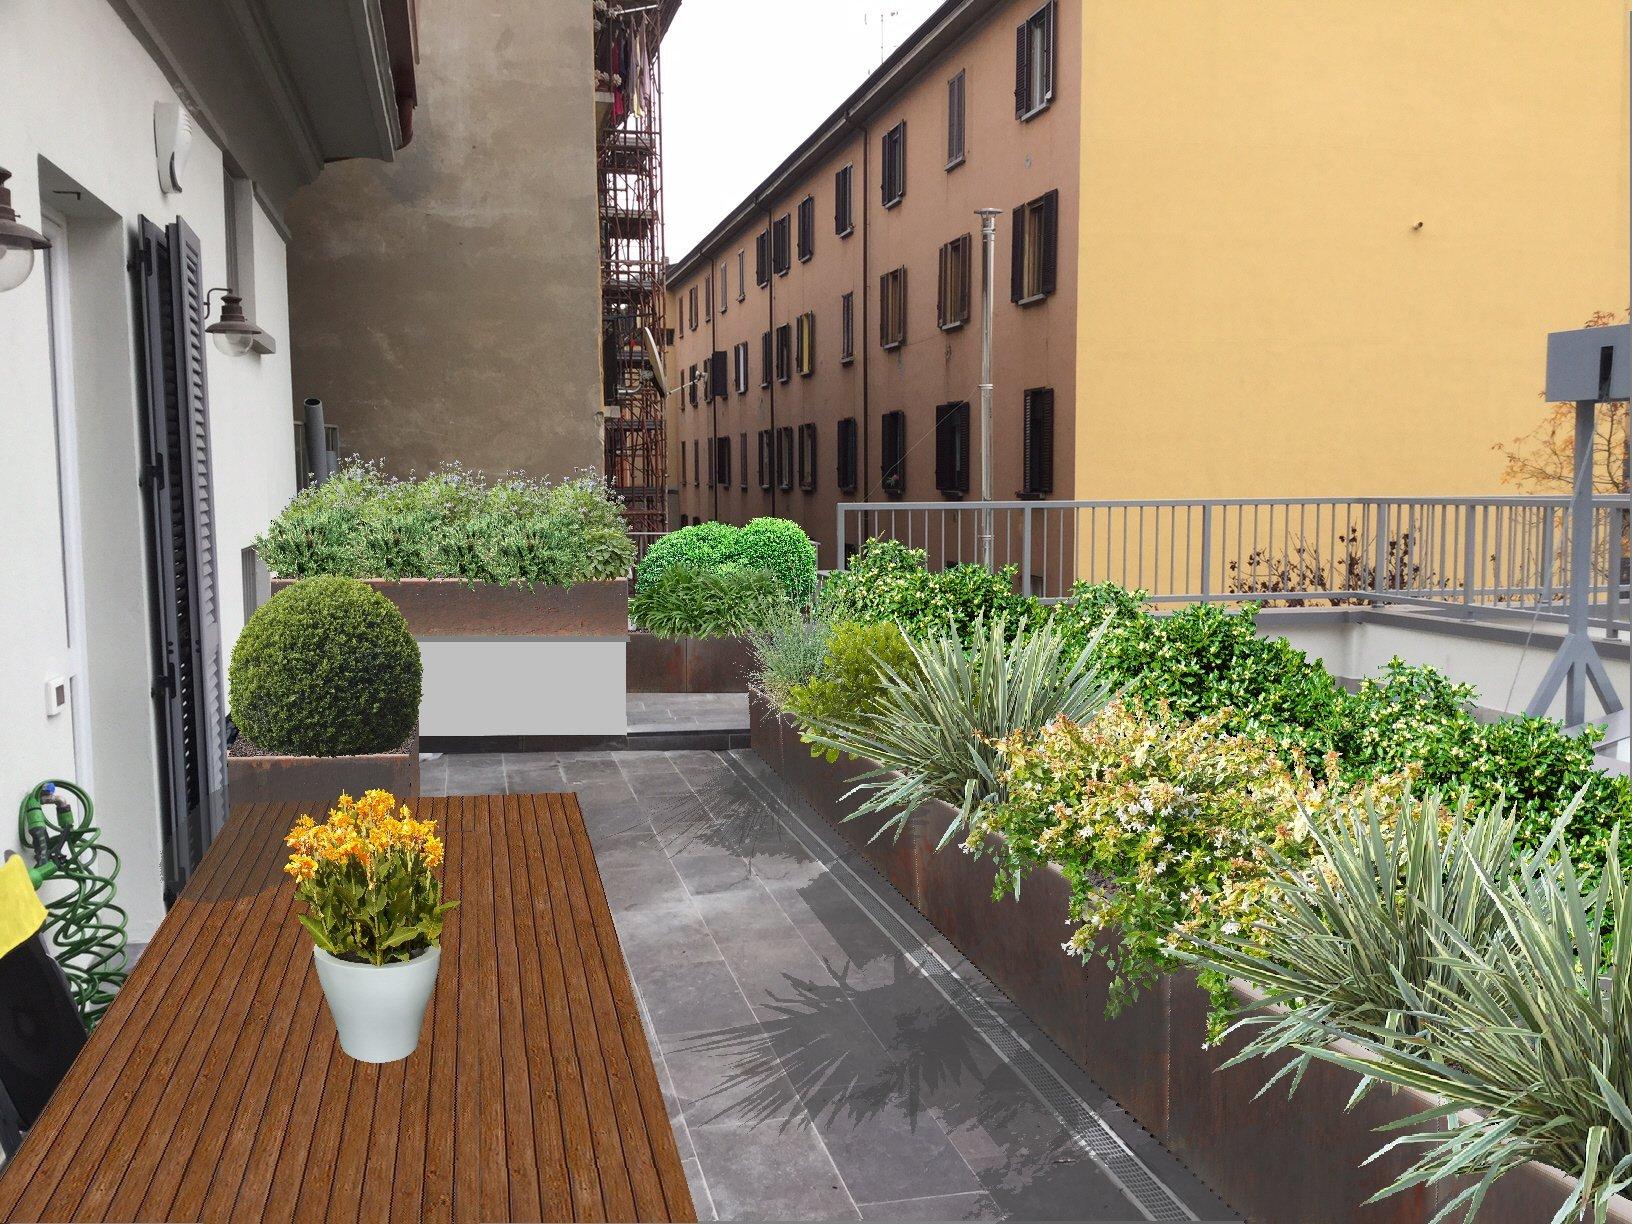 progettazione e realizzazione giardini - Pavia - ANDREA BARIANI GIARDINI